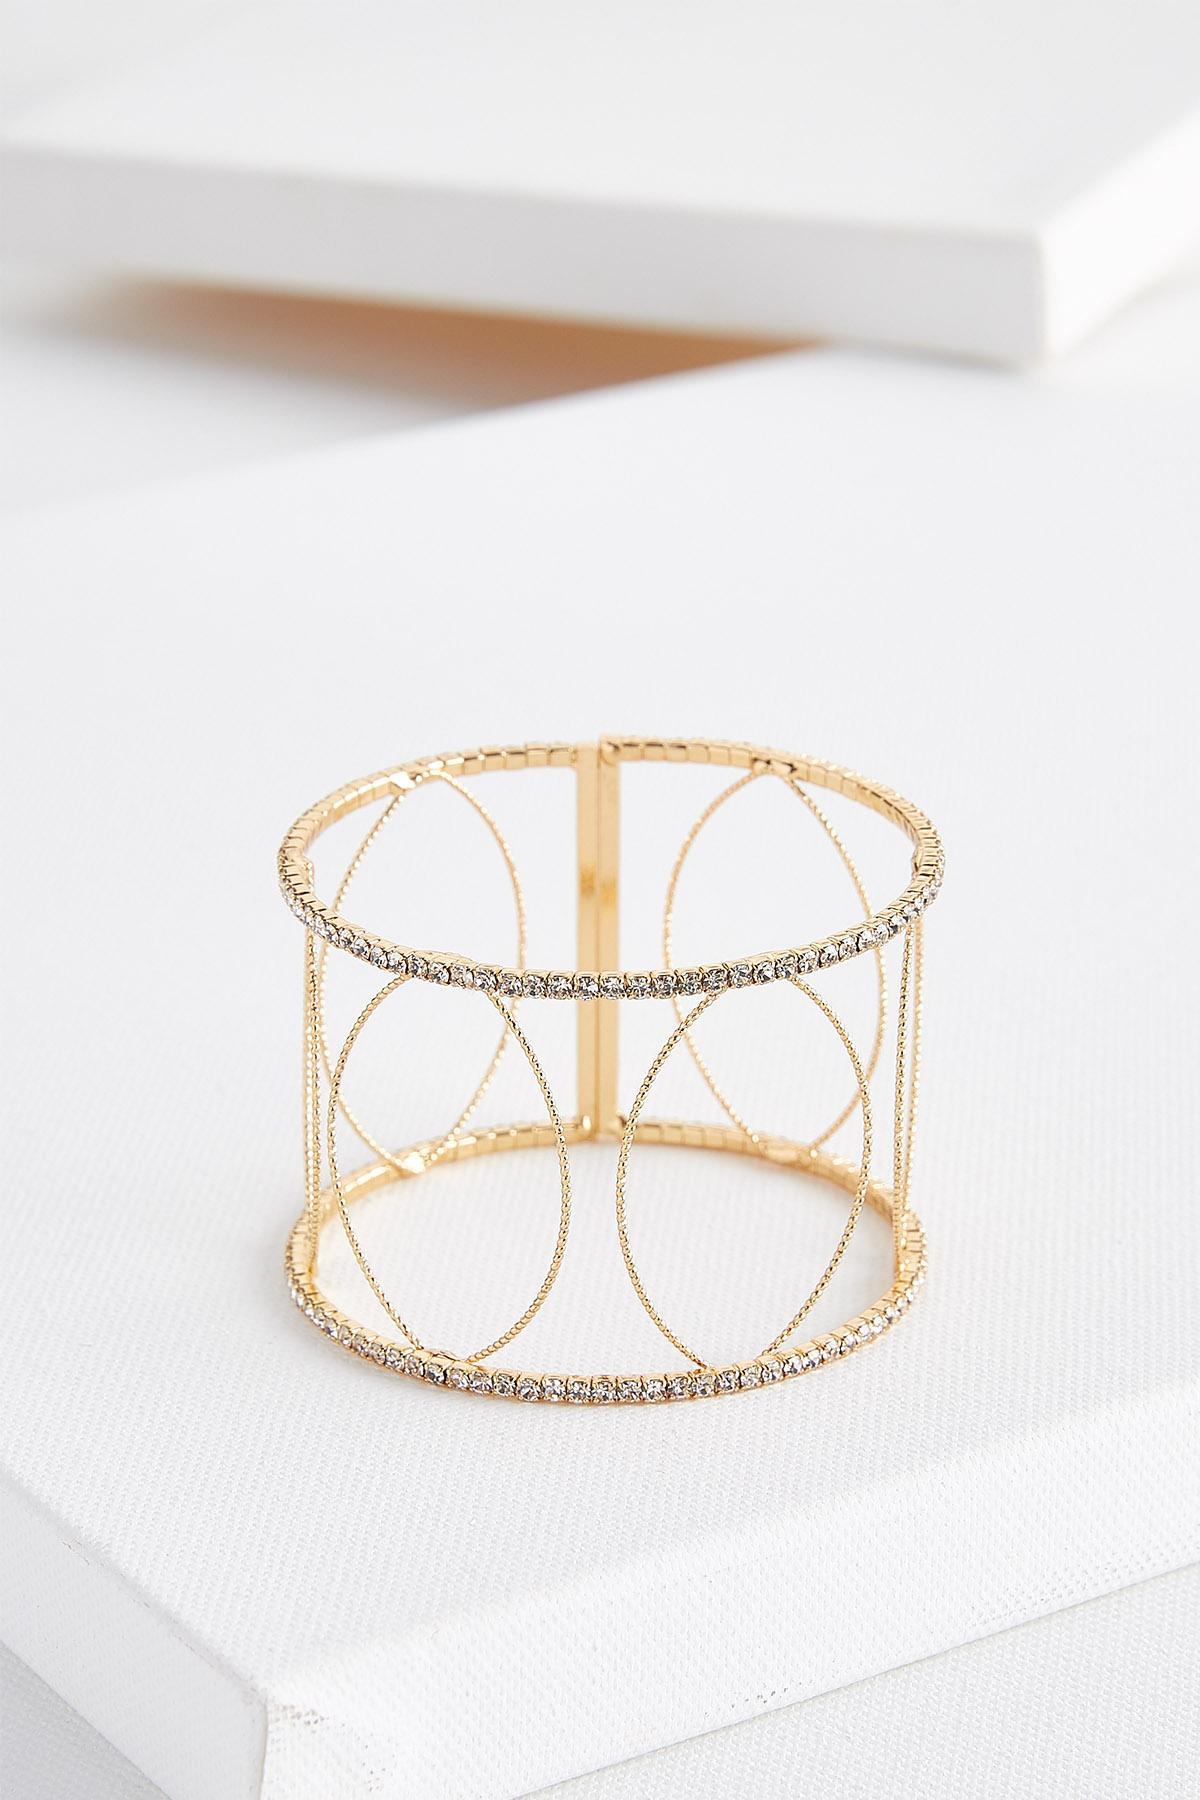 Delicate Rhinestone Cuff Bracelet